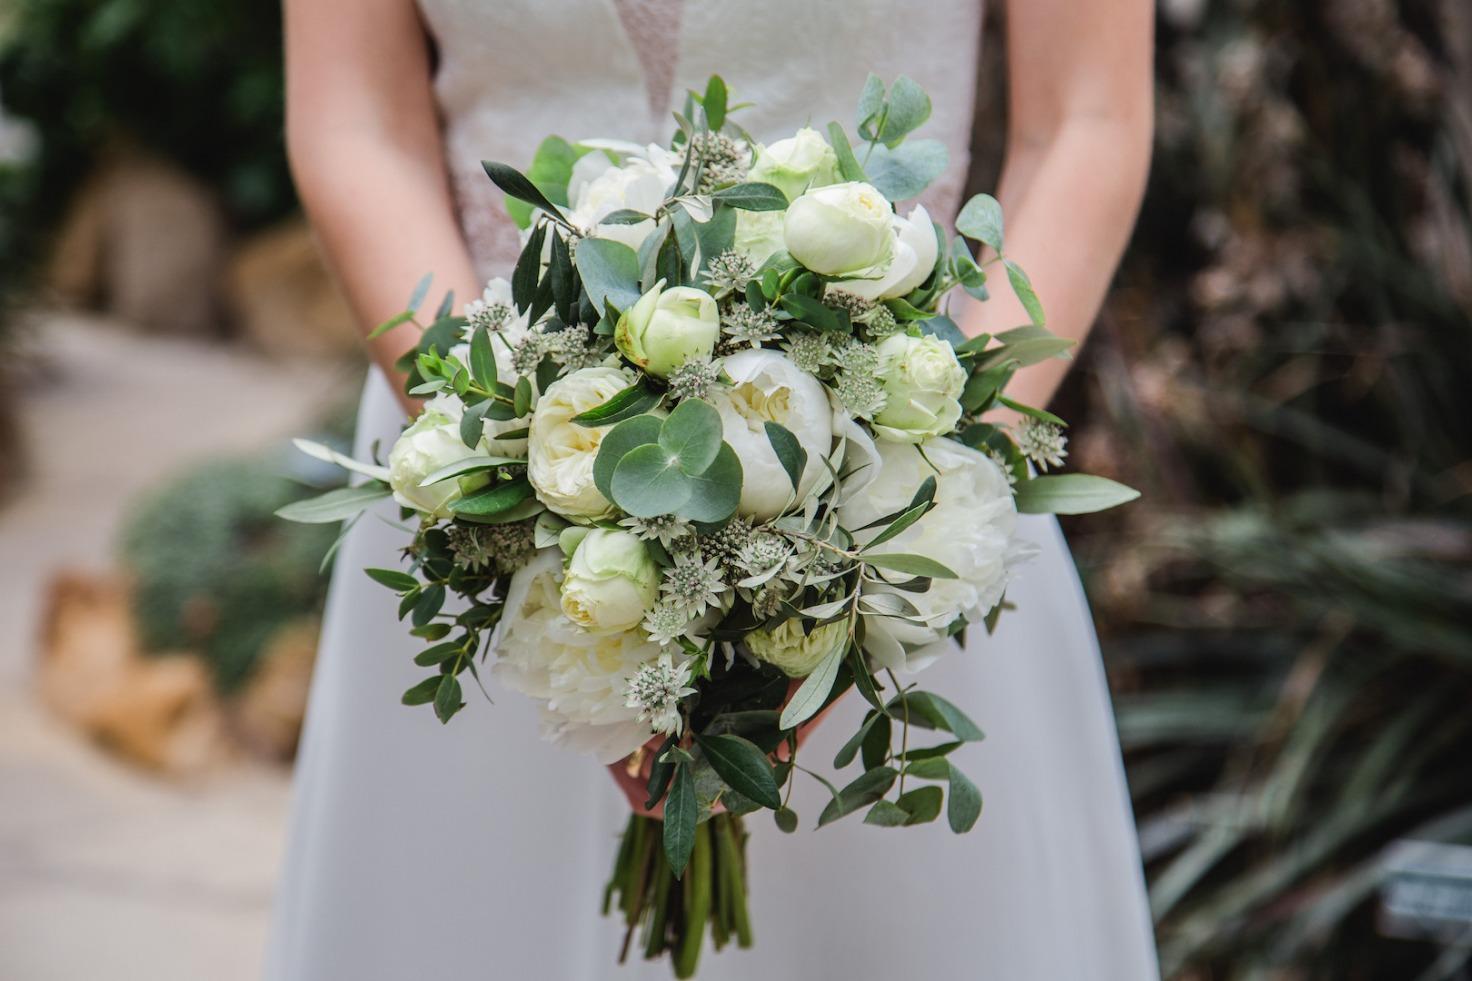 Hochzeit von Du und Ich in Münster: Braut zeigt ihren Brautstrauß